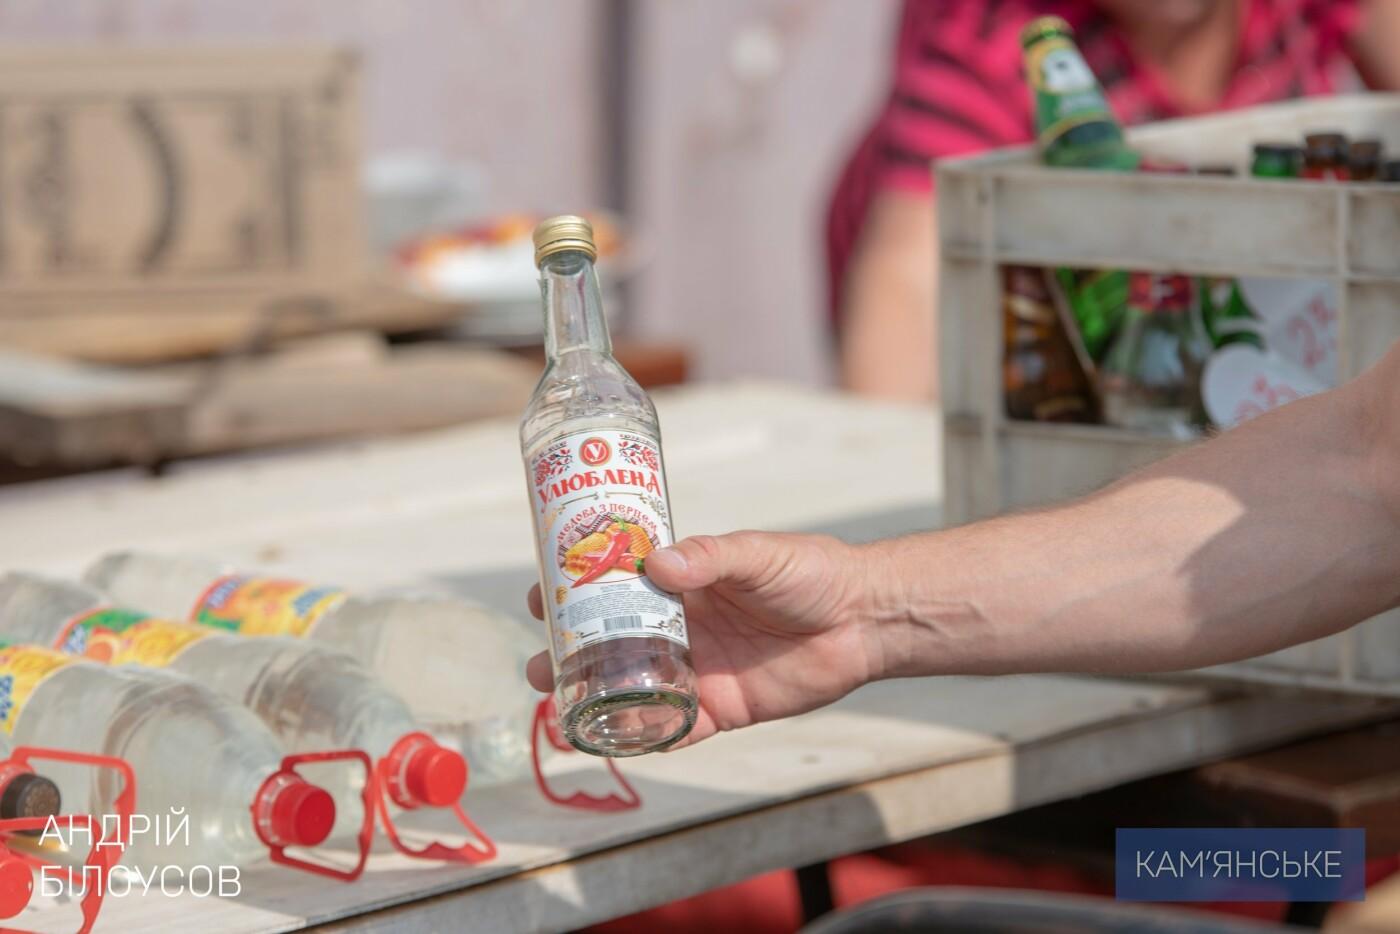 Прощай, «Ветерок»: в Каменском на Соцгороде демонтировали «разливайку», фото-3